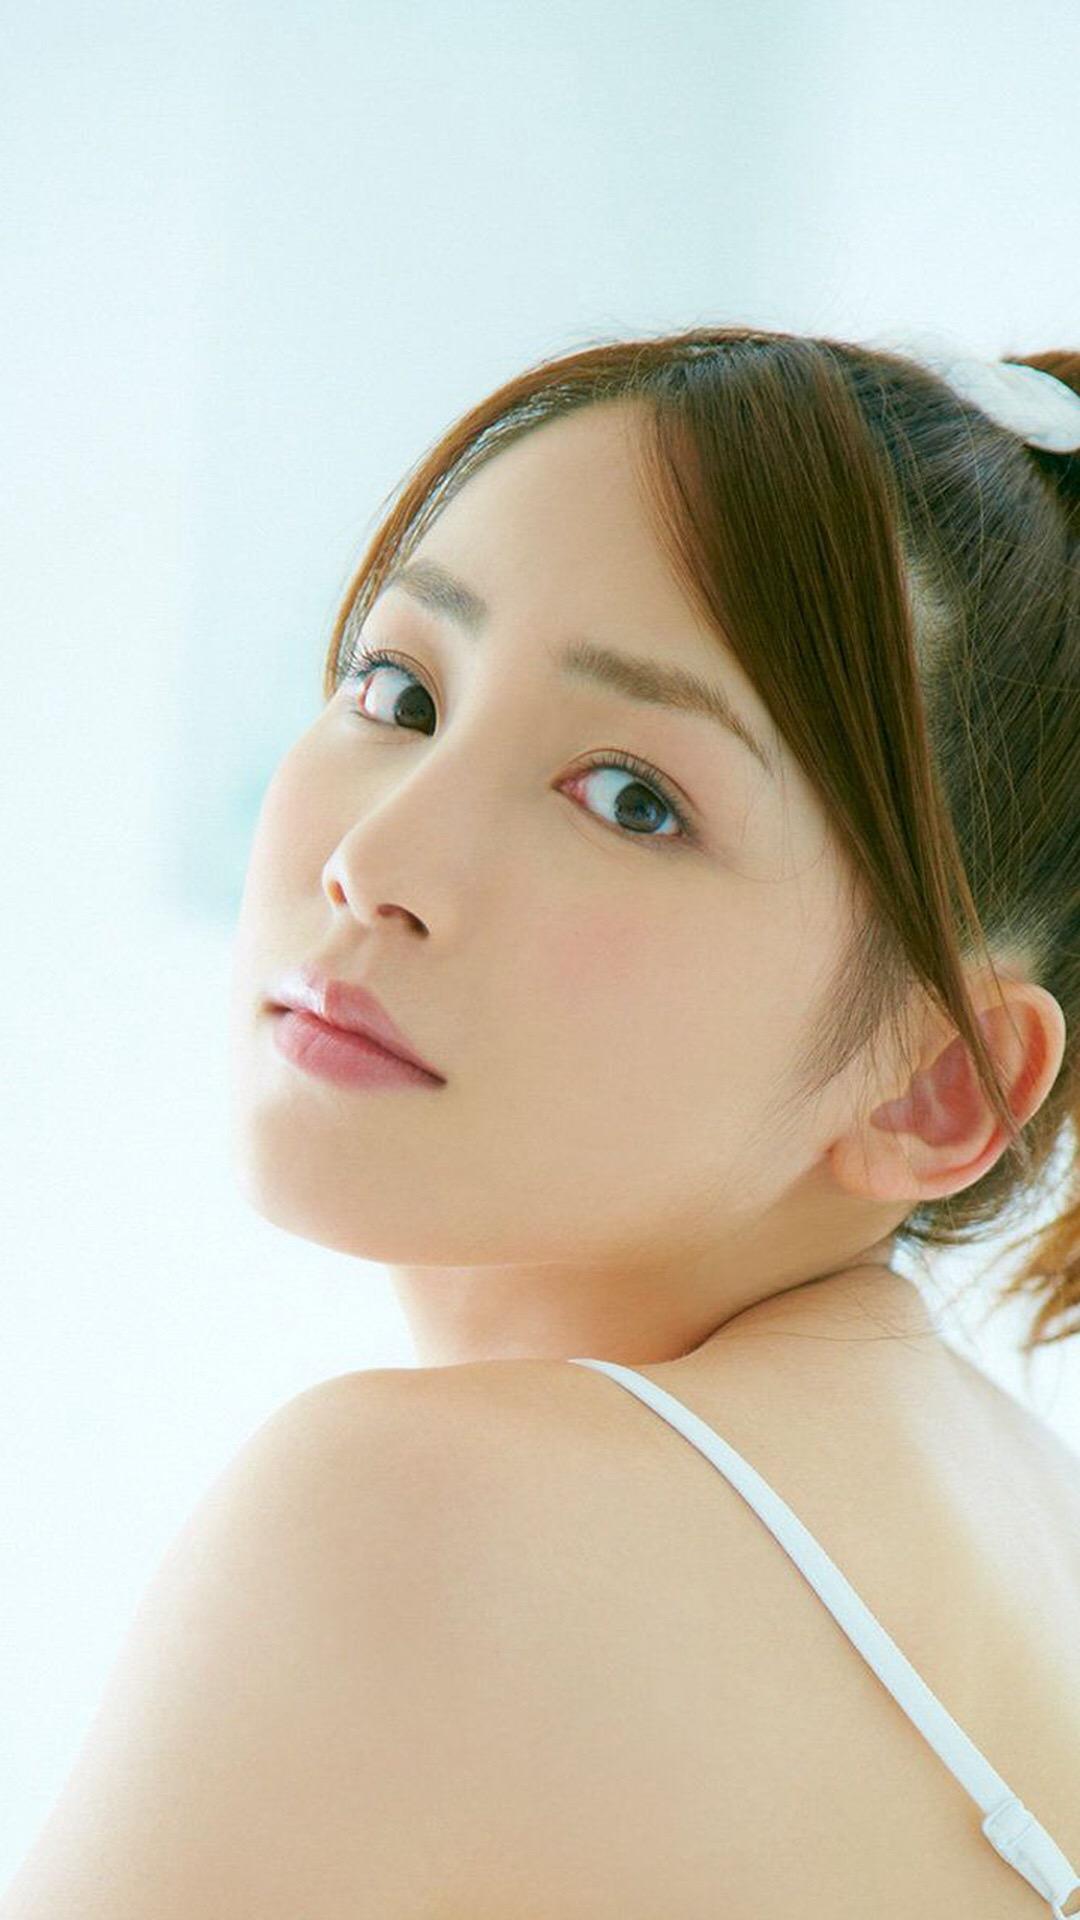 甜美比基尼日本写真模特高清壁纸